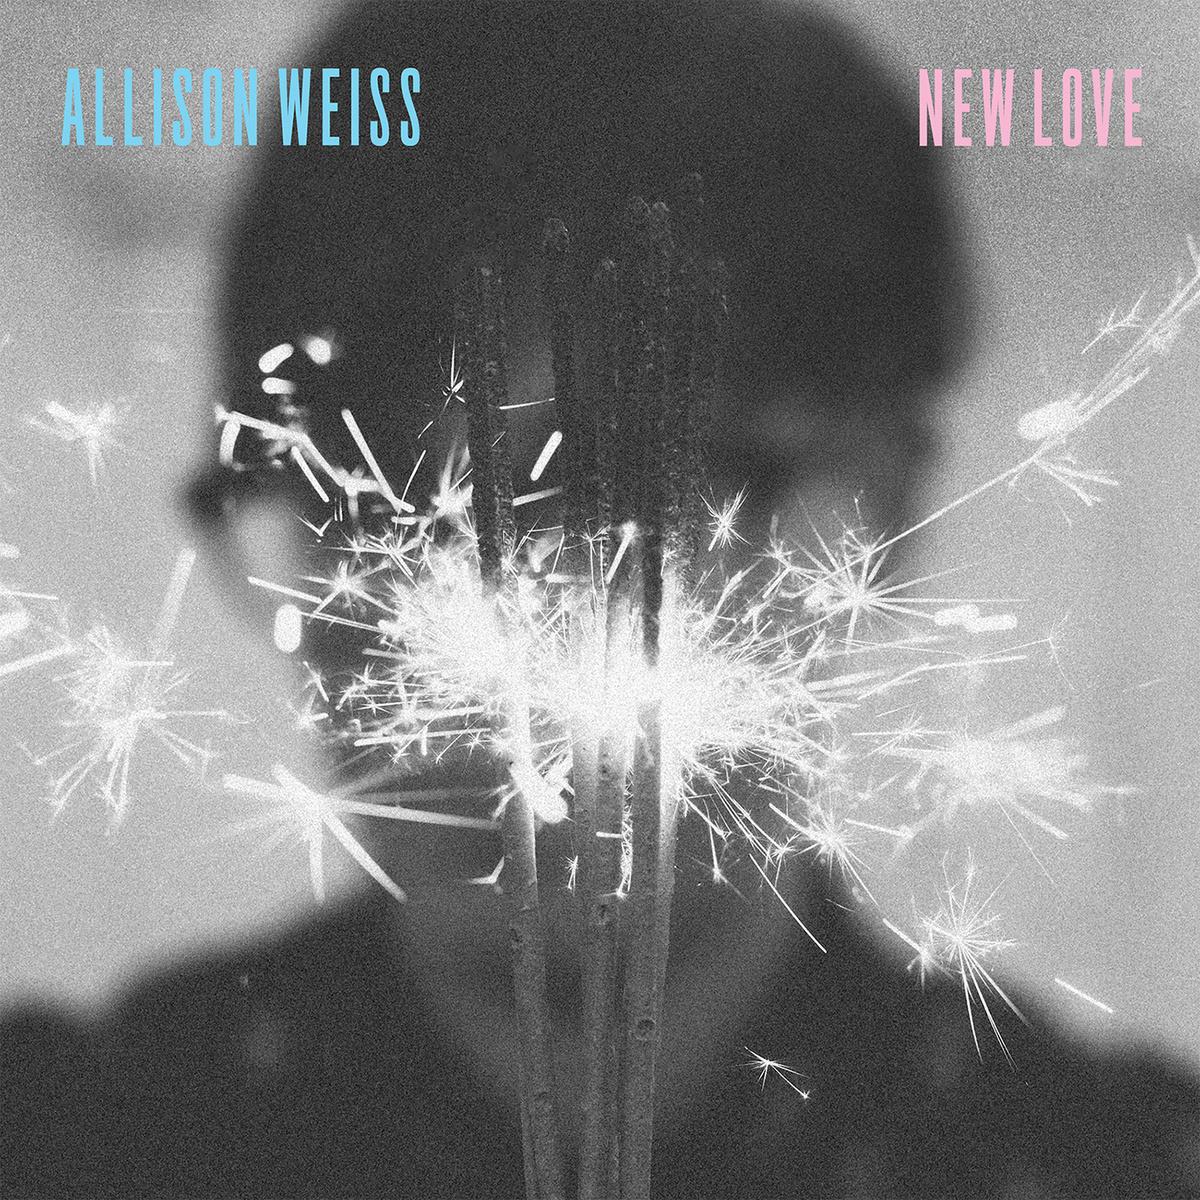 Allison Weiss - New Love LP